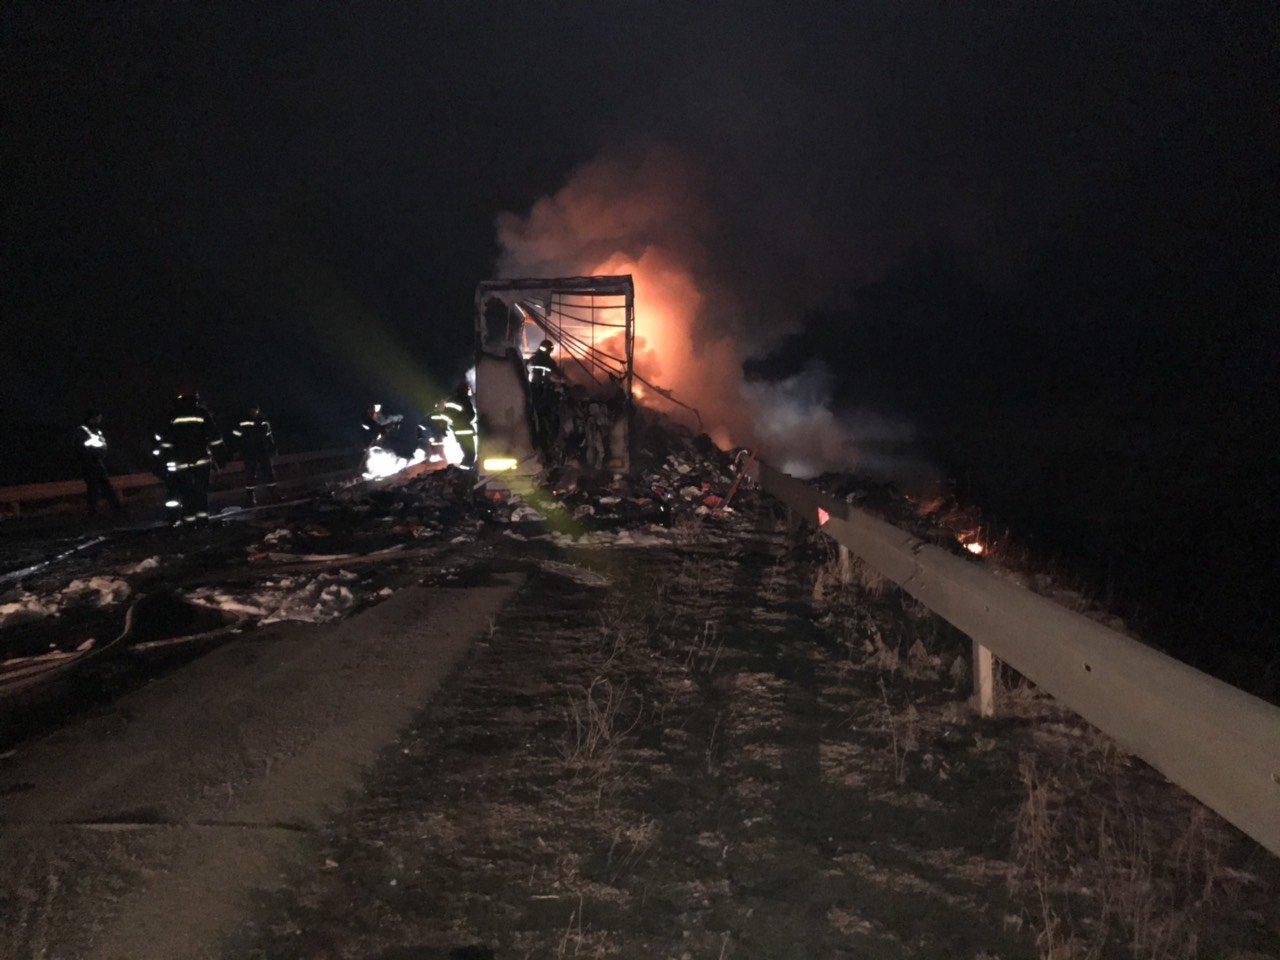 Хмельницький район: рятувальники ліквідували пожежу причепу із вживаним одягом, фото-2